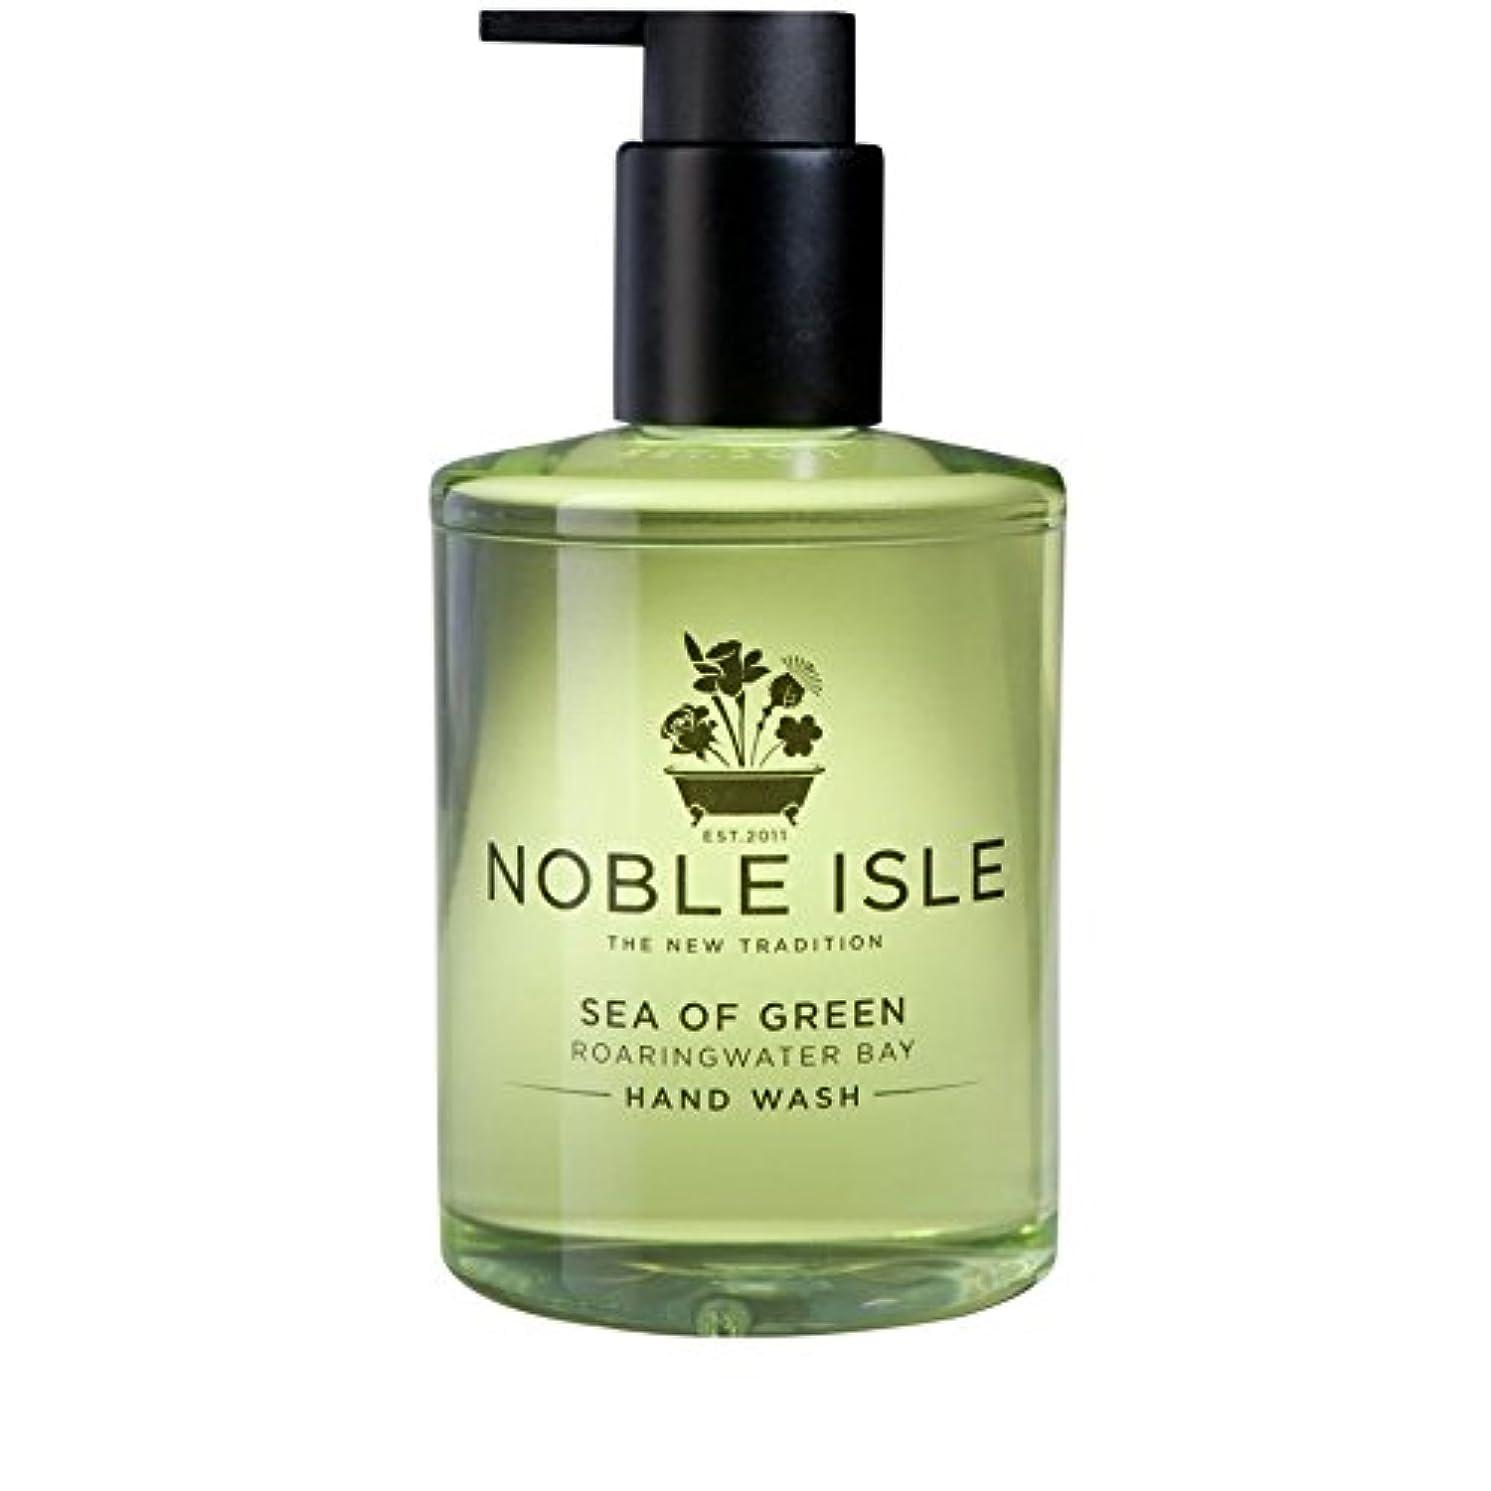 液体効果的に墓Noble Isle Sea of Green Roaringwater Bay Hand Wash 250ml (Pack of 6) - 緑ベイハンドウォッシュ250ミリリットルの高貴な島の海 x6 [並行輸入品]